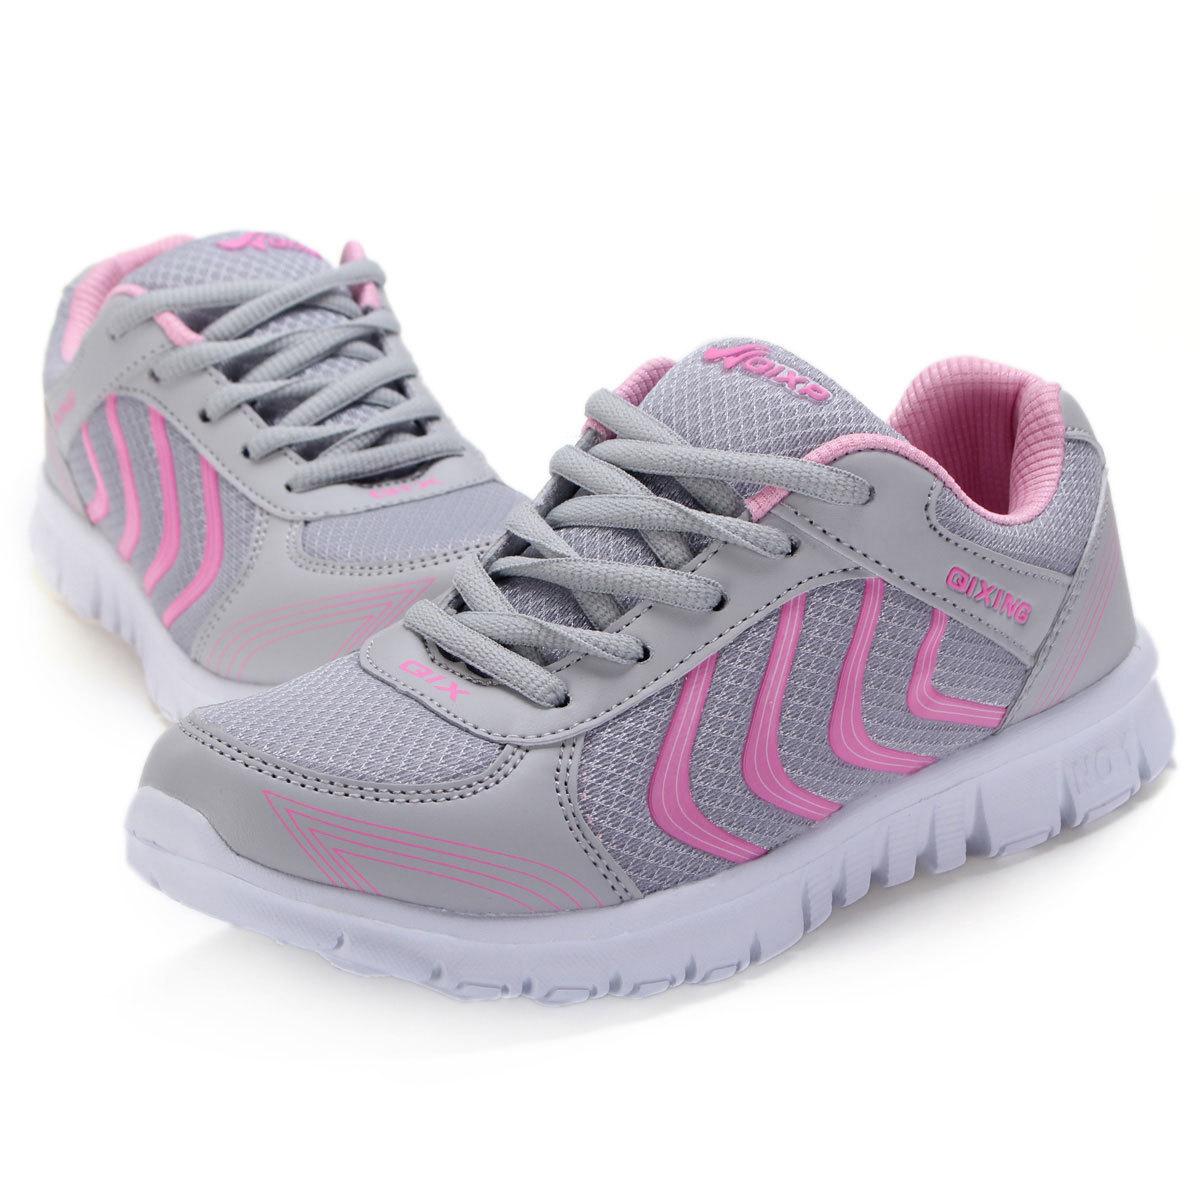 Toko New Perempuan Pelatih Lari Sepatu Olahraga Sepatu Fashion Untuk Menyerap Guncangan Online Tiongkok